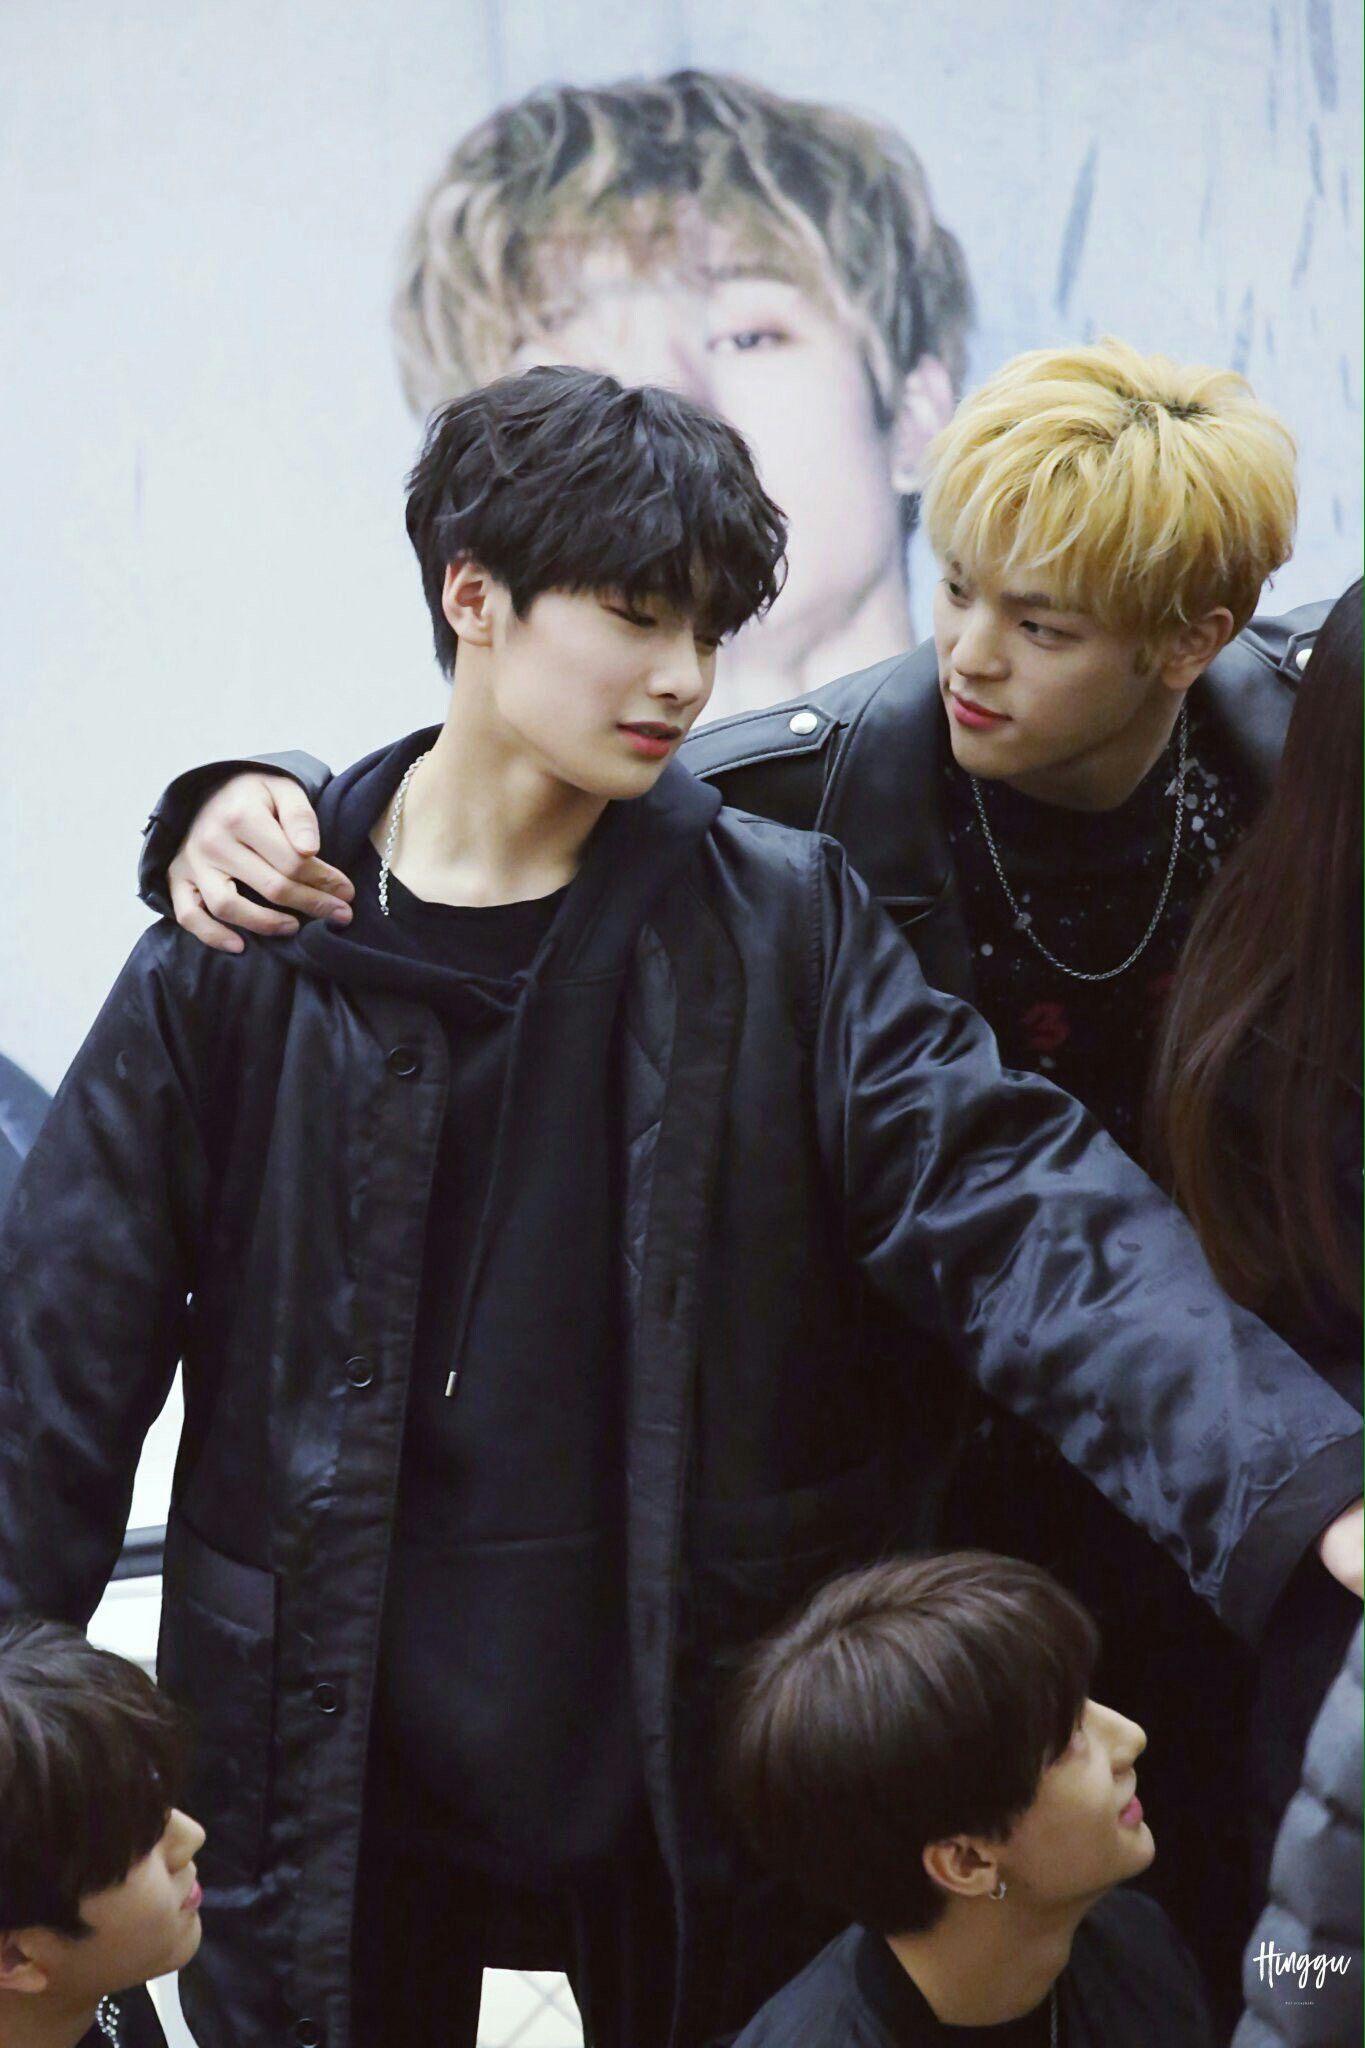 Stray Kids I.N and Woojin